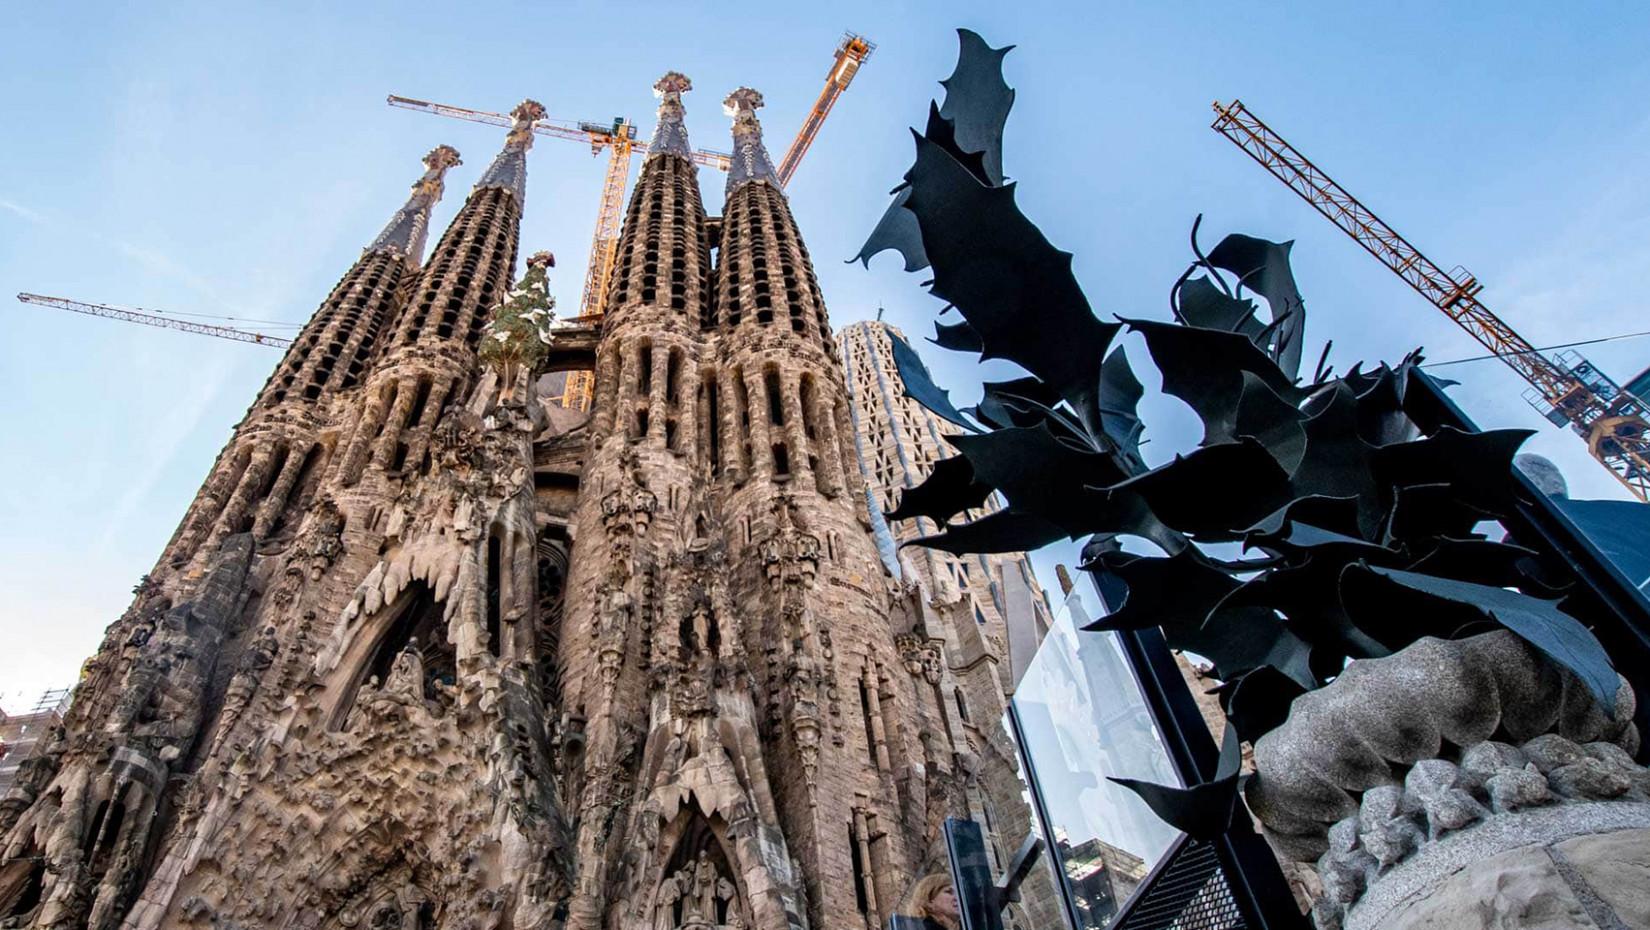 Барселона выбрана мировой архитектурной столицей 2026 года